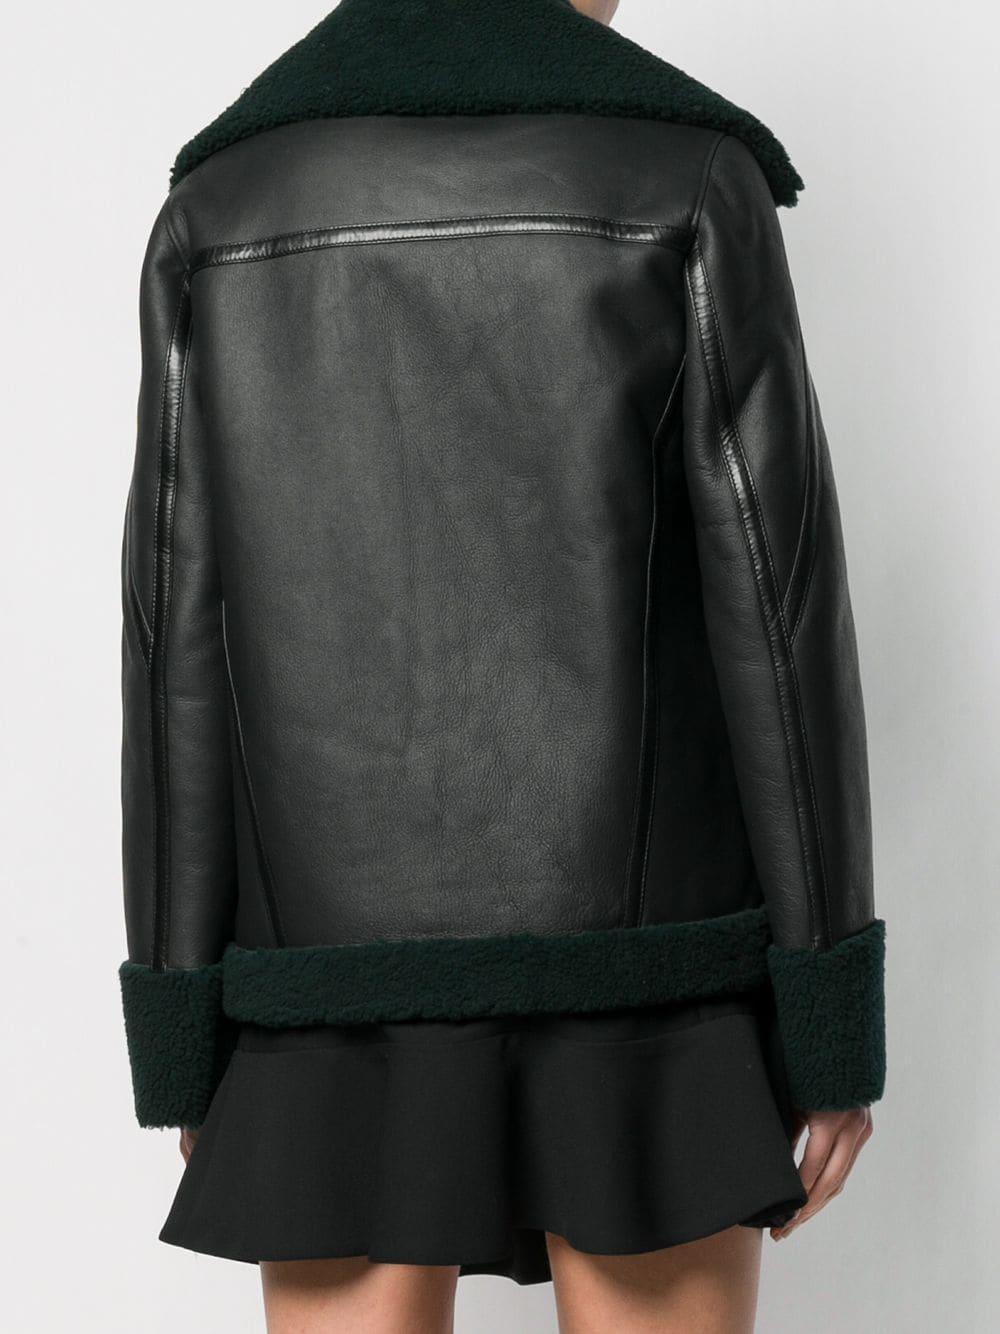 Chaqueta con cierre con cremallera Karl Lagerfeld de Cuero de color Verde